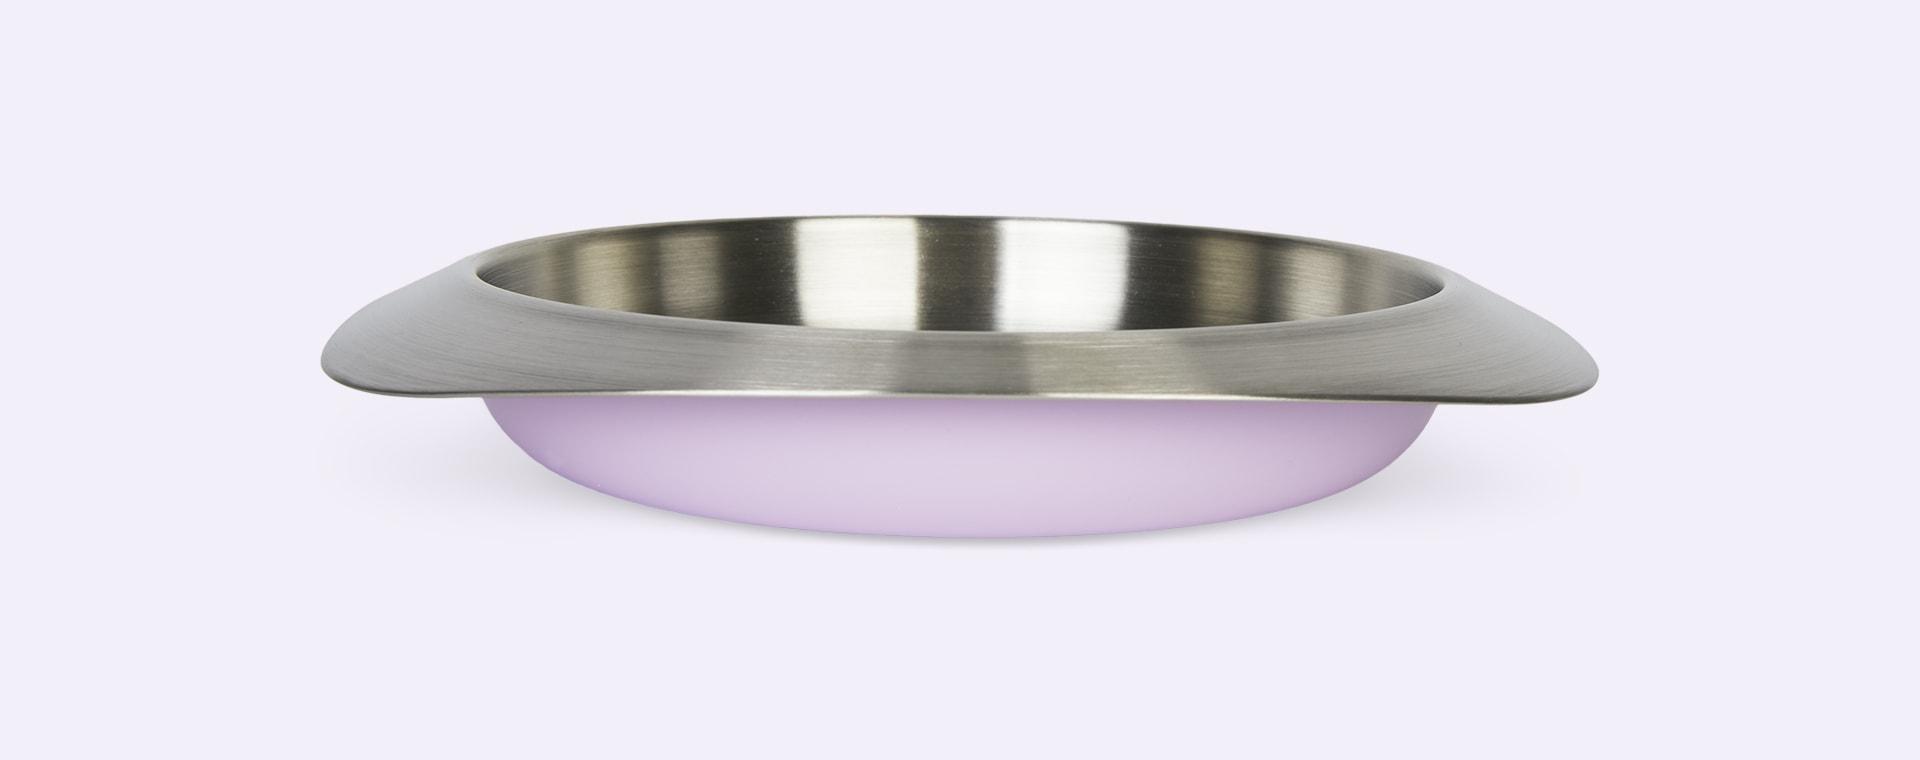 Lavender Purple VIIDA Soufflé Antibacterial Stainless Steel Plate